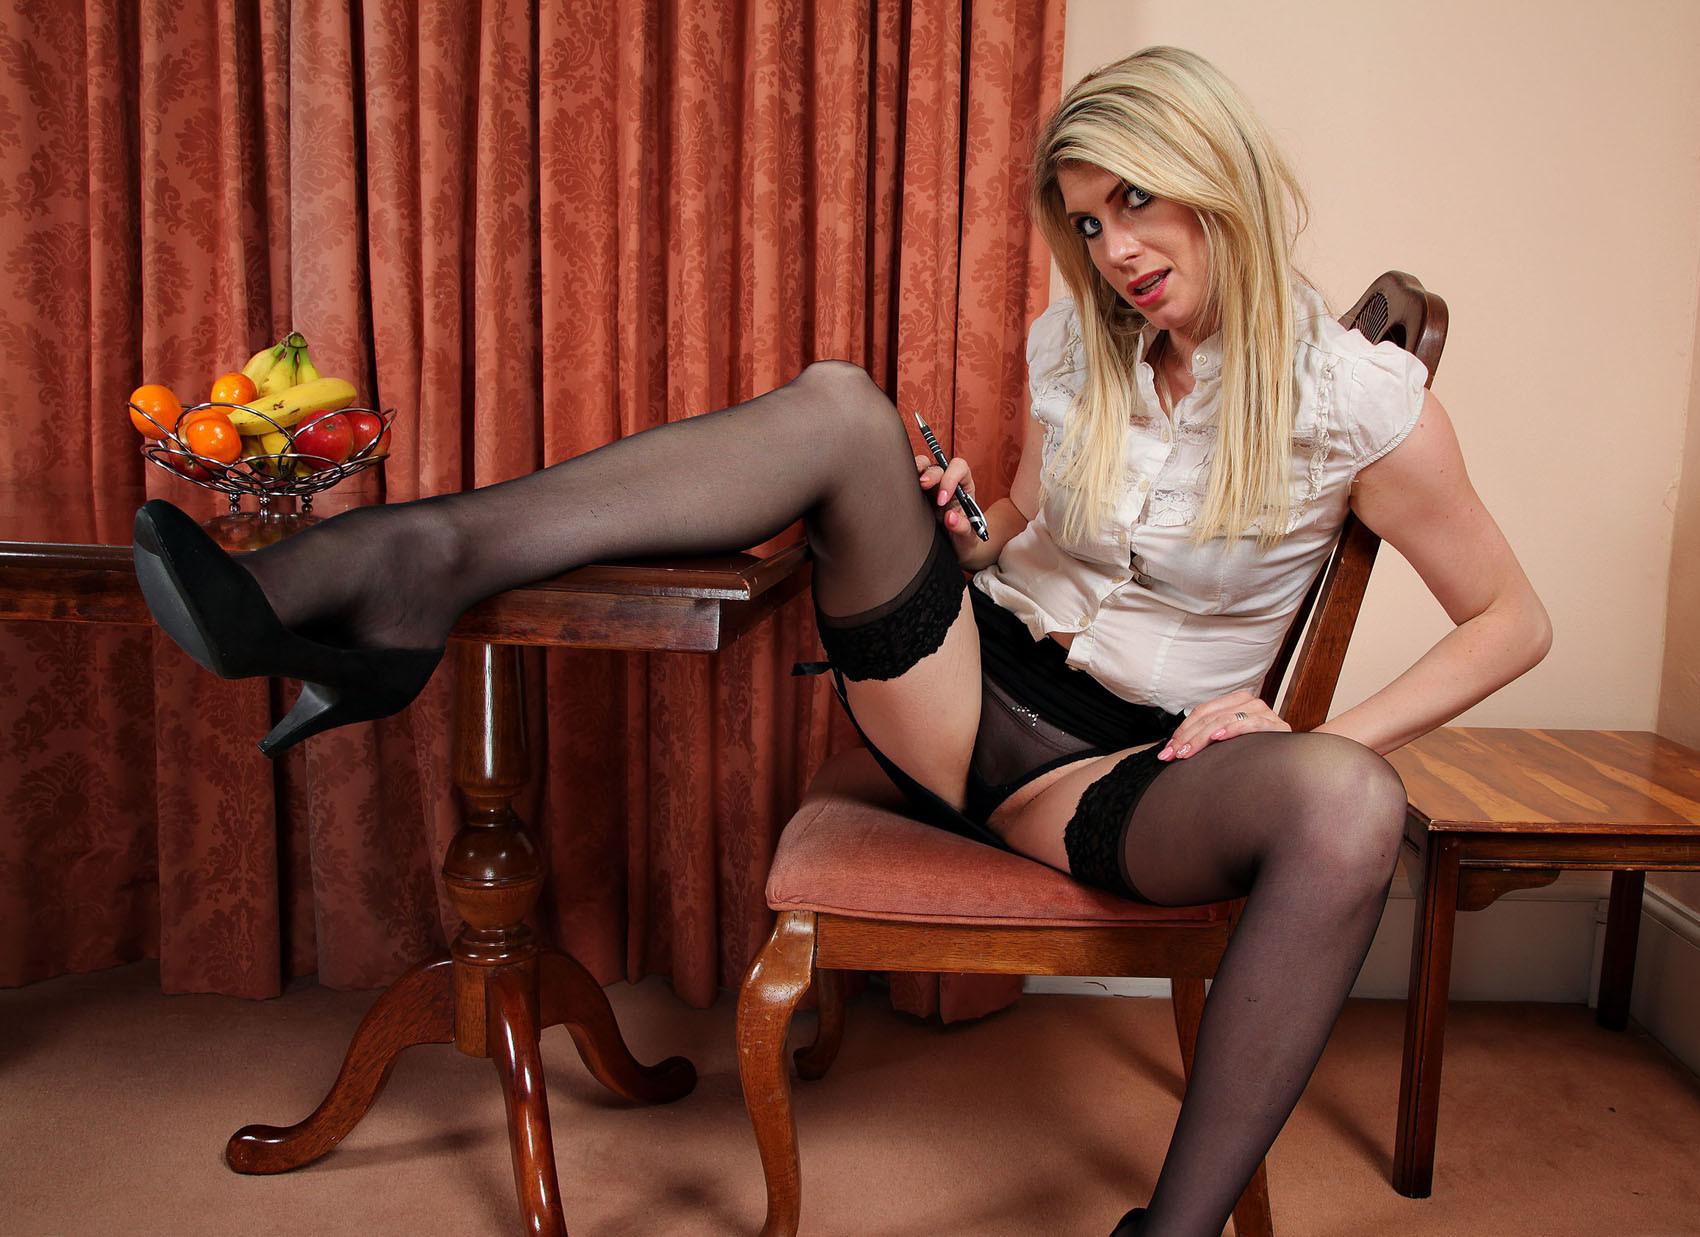 Смотреть блонда онлайн